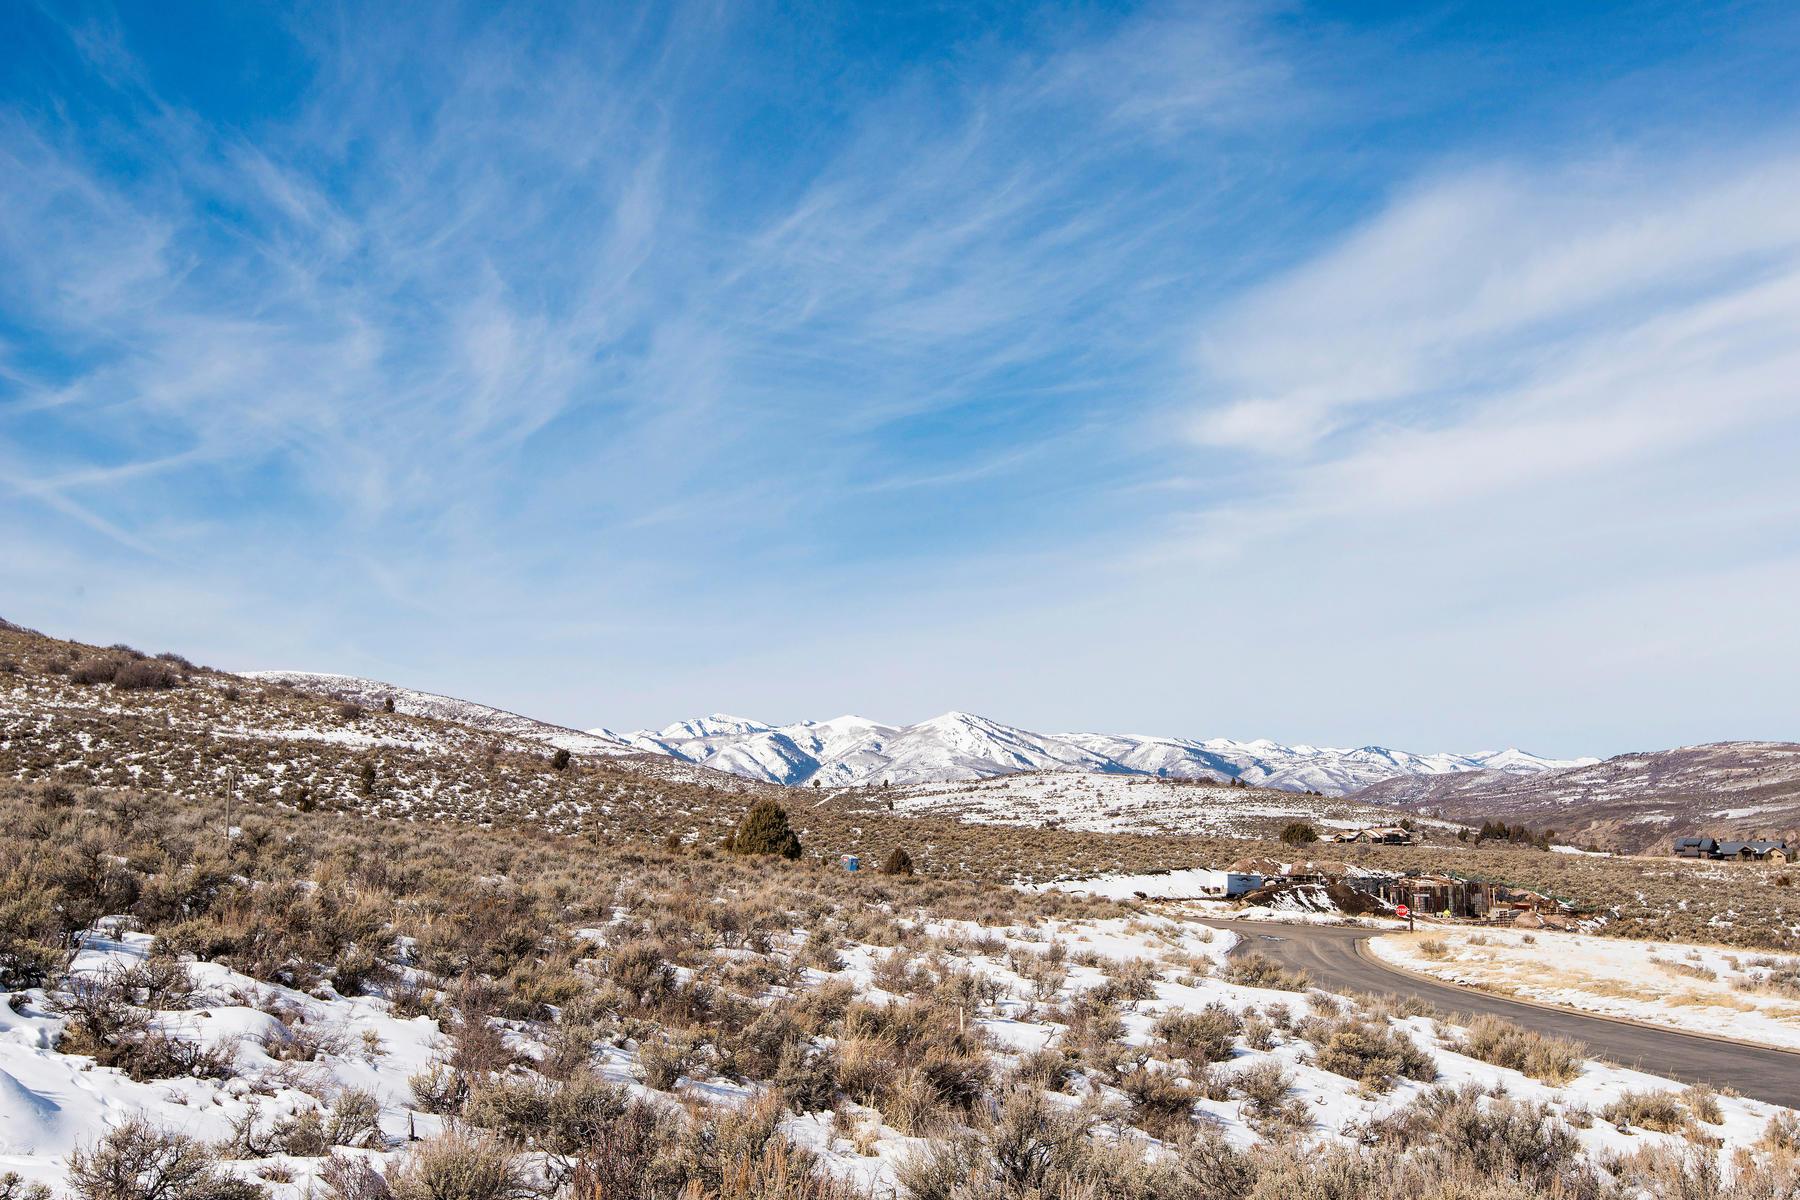 Terreno por un Venta en Stunning Victory Ranch Homesite 6110 E Bue Wing Lp Lot 72, Heber City, Utah, 84032 Estados Unidos